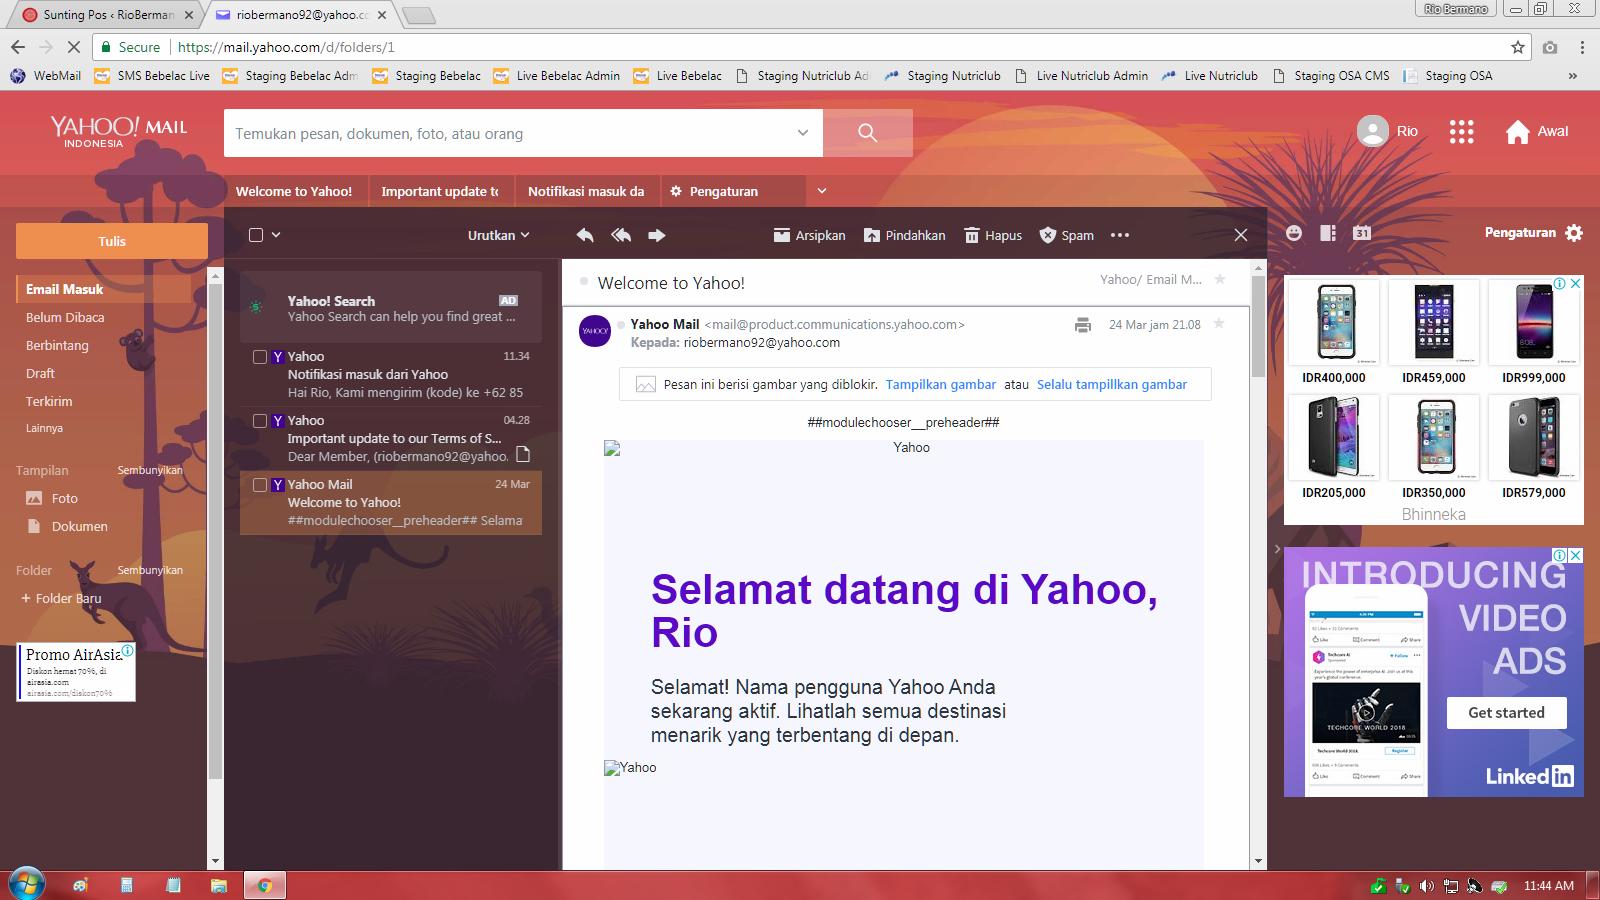 cara mengganti tema tampilan yahoo mail - rio bermano